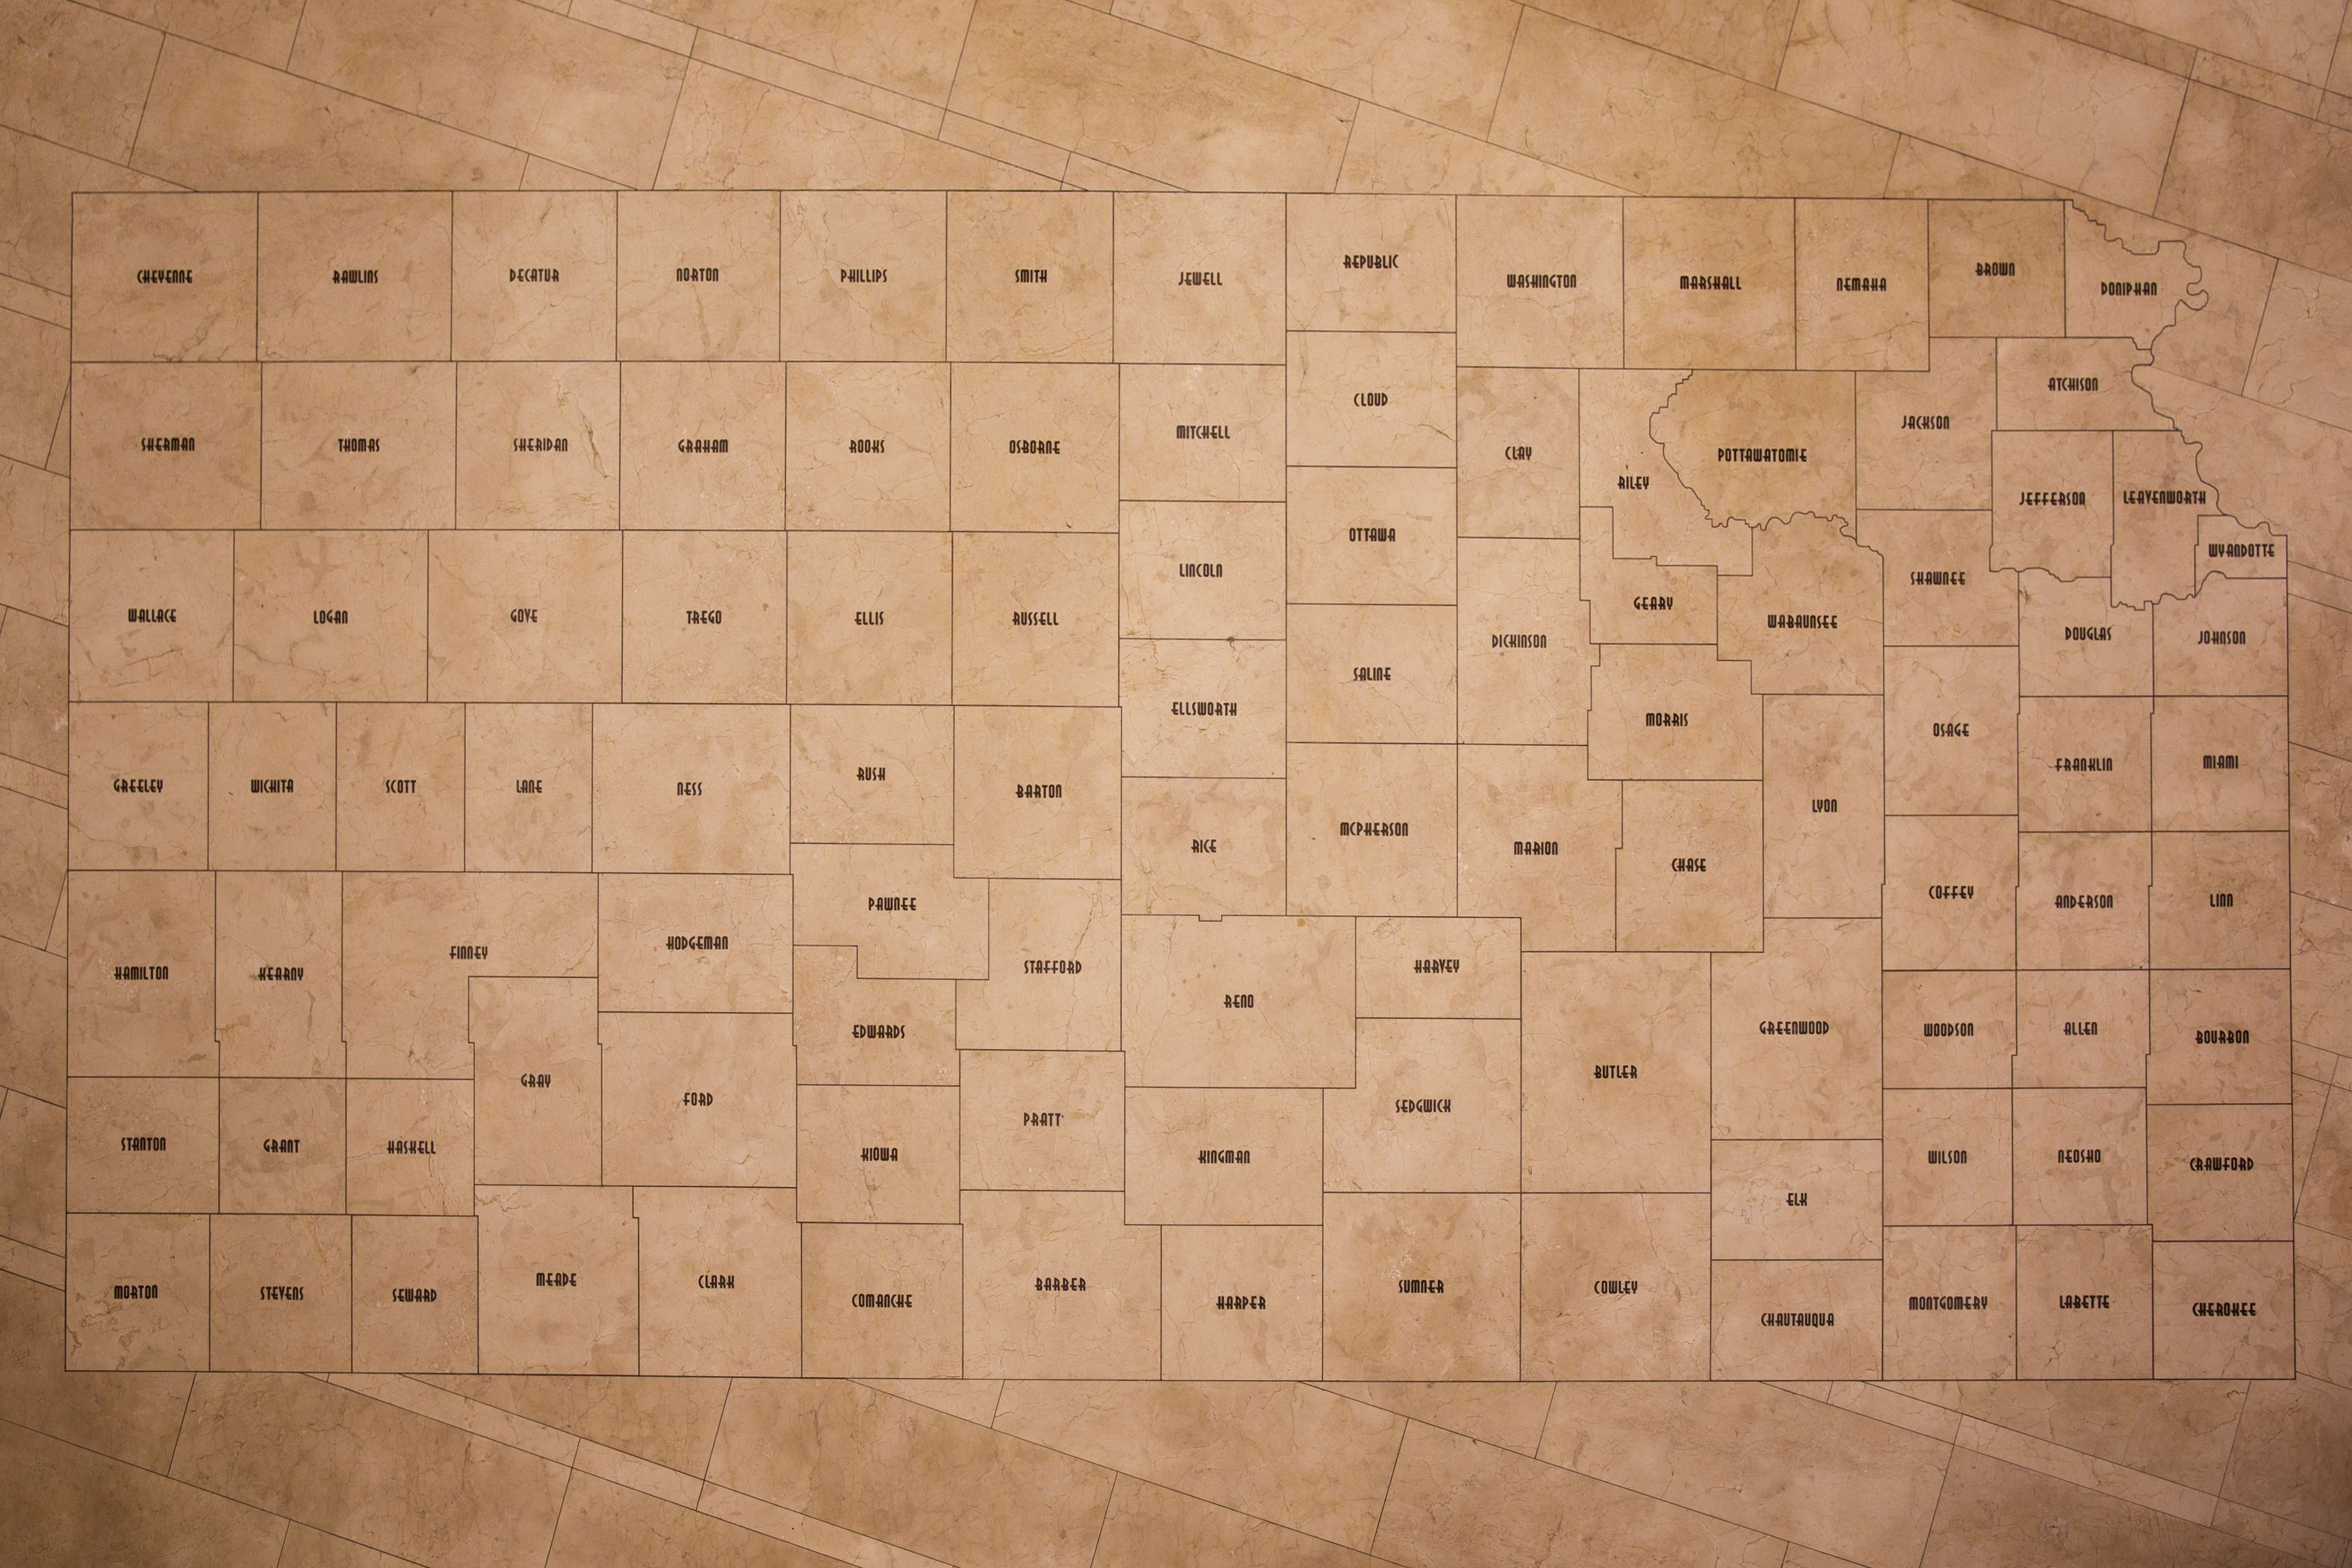 Kansas State Capital Map on kansas lakes map, kansas forest map, kansas on usa map, kansas map map, kansas university map, missouri capital map, topeka kansas city map, kansas travel map, kansas congressional map, kansas climate map, kansas mountains map, kansas towns map, massachusetts capital map, kansas population density map, kansas airport map, kansas capital city, kansas time zone map, kansas river map, kansas county seat map, kansas area map,